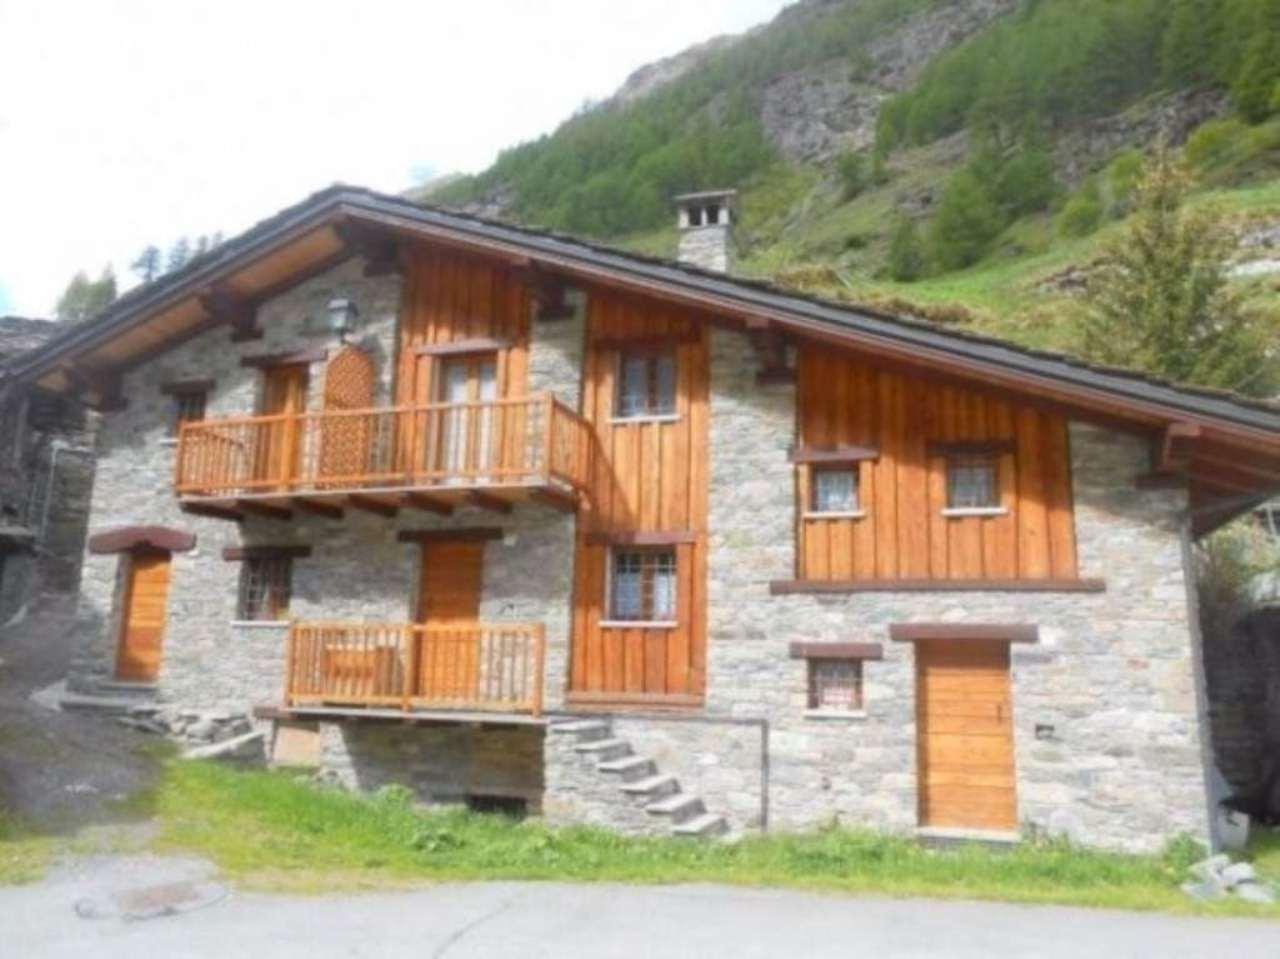 Appartamento in vendita a Rhemes-Saint-Georges, 4 locali, prezzo € 195.000 | CambioCasa.it